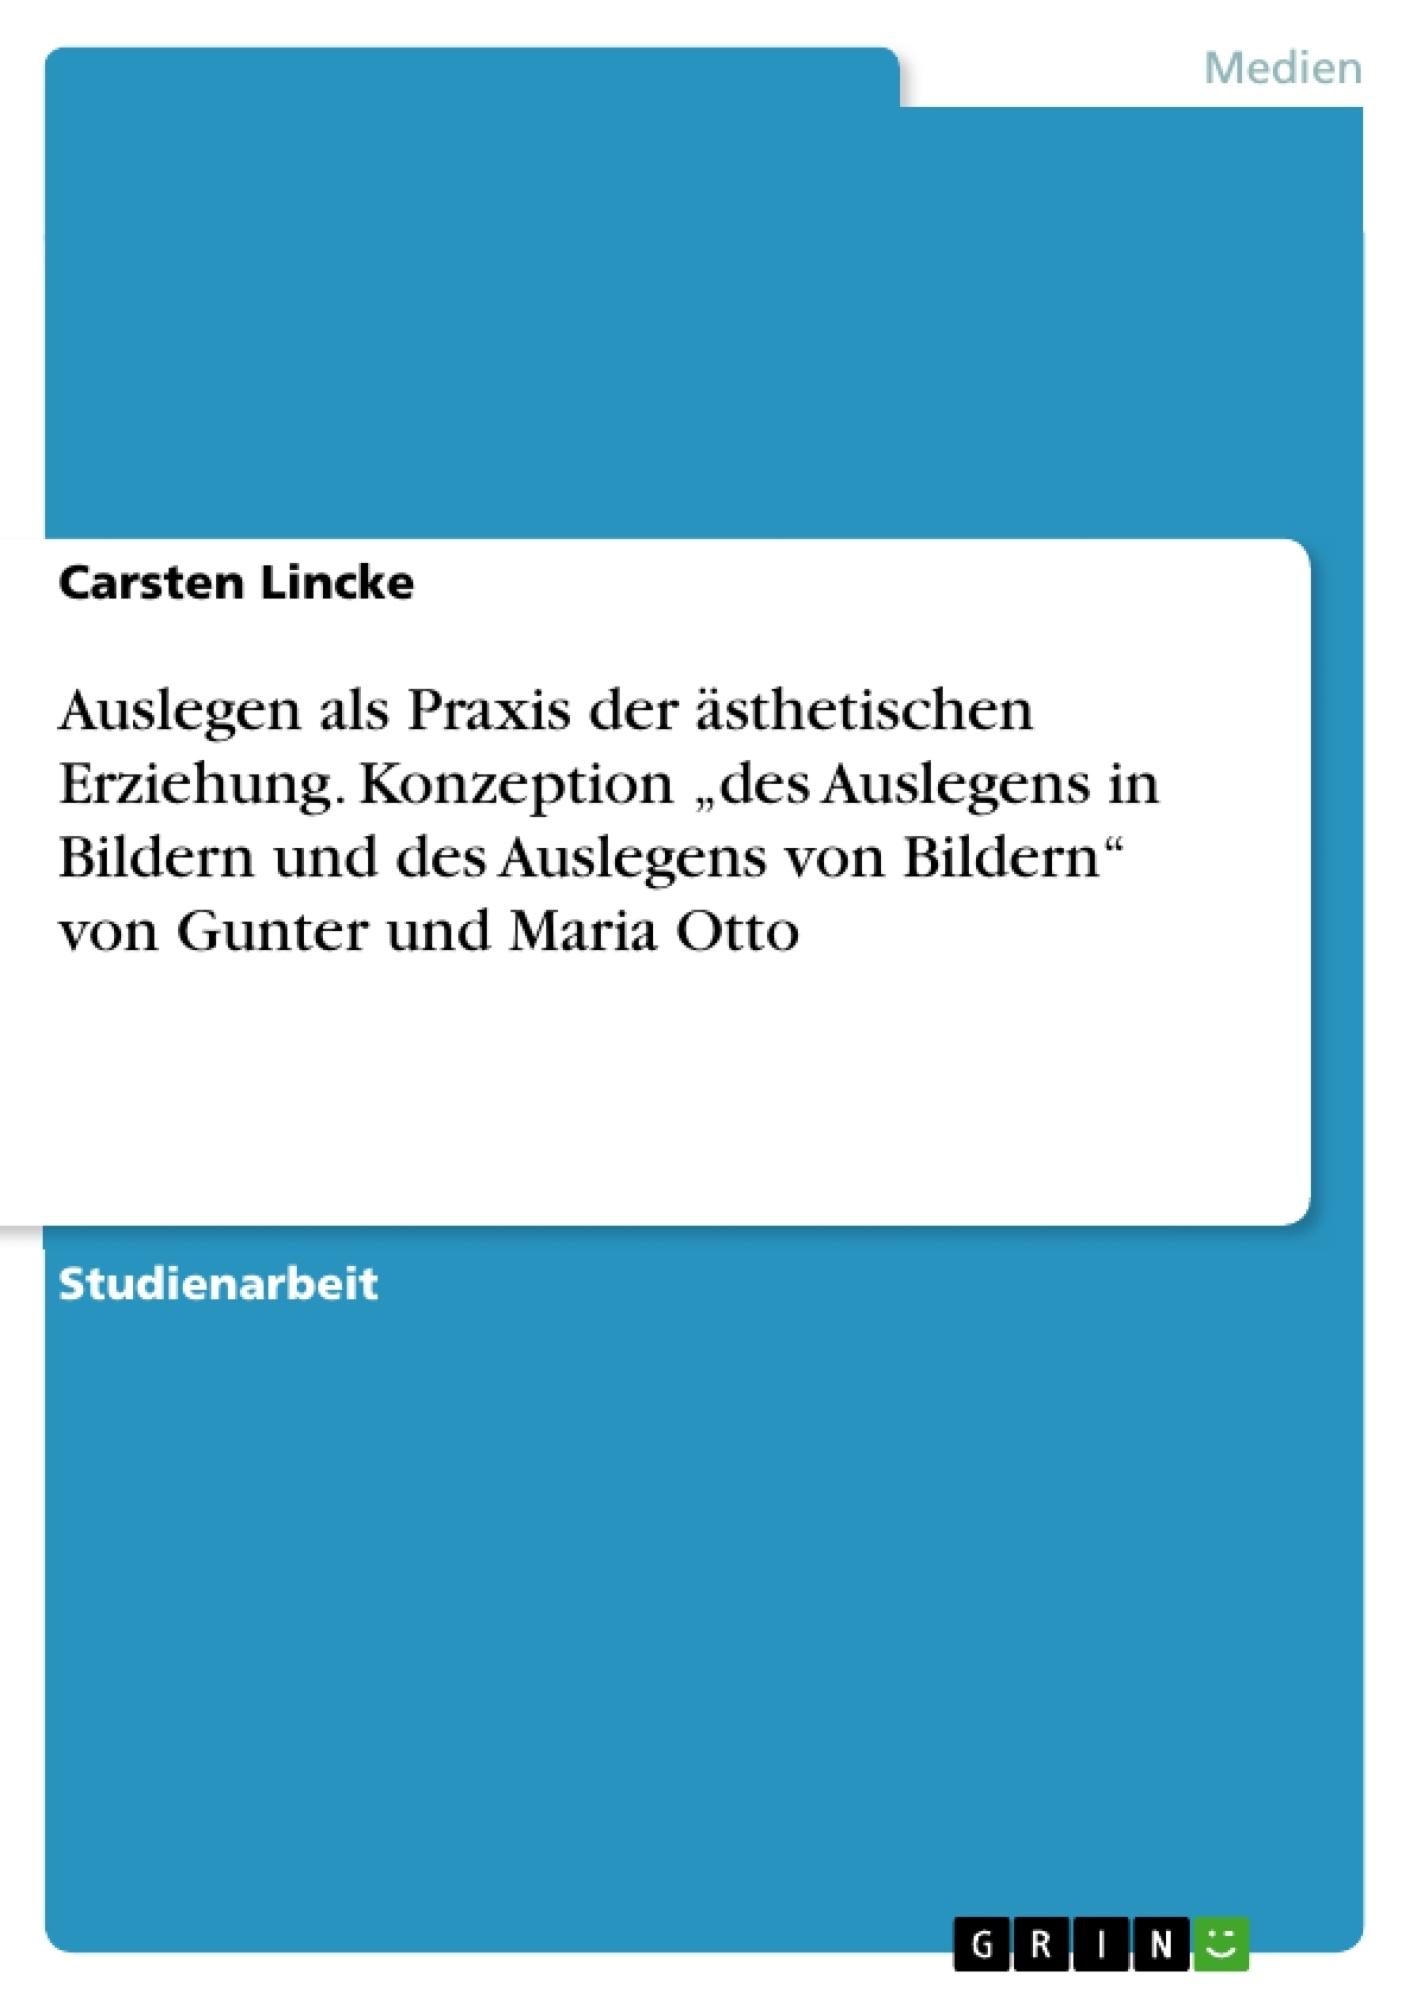 """Titel: Auslegen als Praxis der ästhetischen Erziehung.  Konzeption  """"des Auslegens in Bildern und des Auslegens von Bildern"""" von Gunter und Maria Otto"""